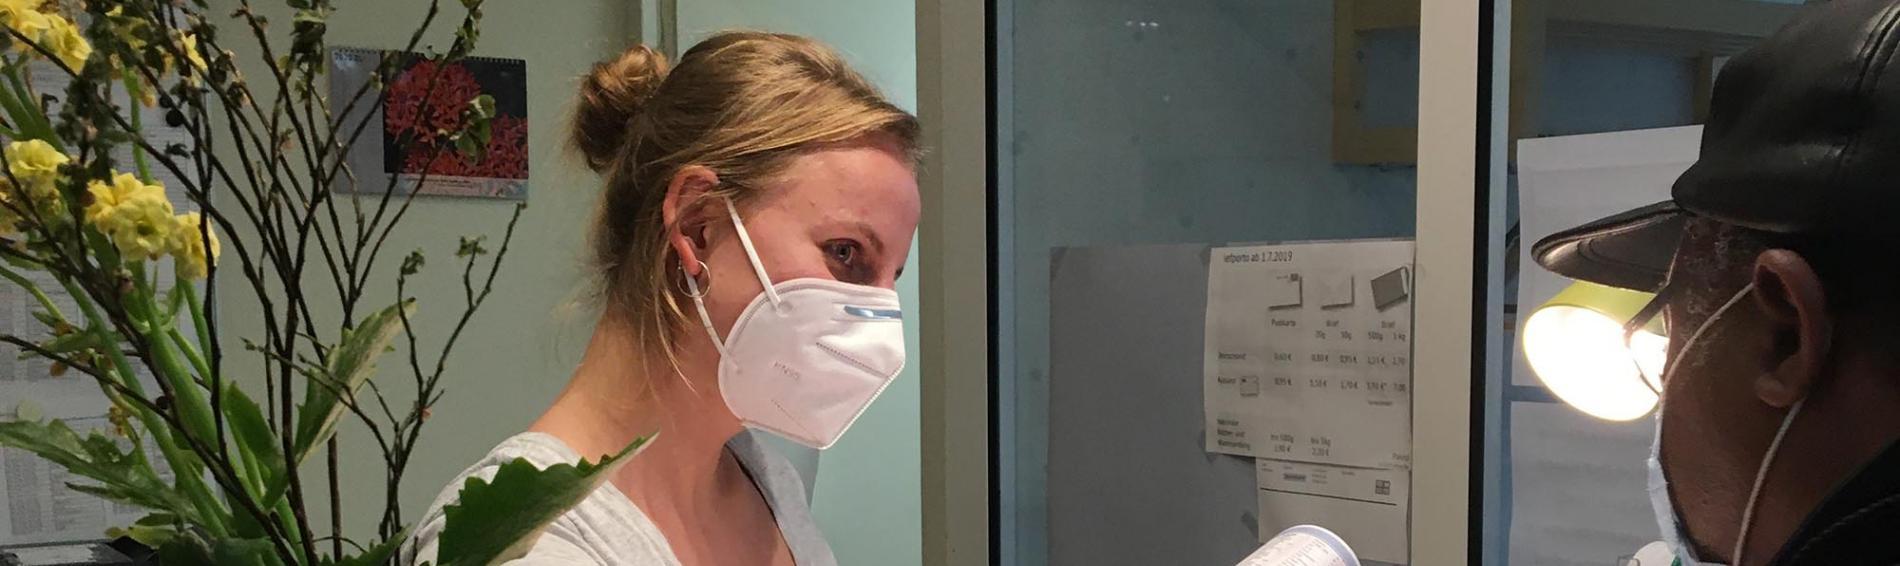 In der Ärzte der Welt-Anlaufstelle werden unsere Patient*innen kostenlos und anonym beraten und behandelt. Foto: Ärzte der Welt